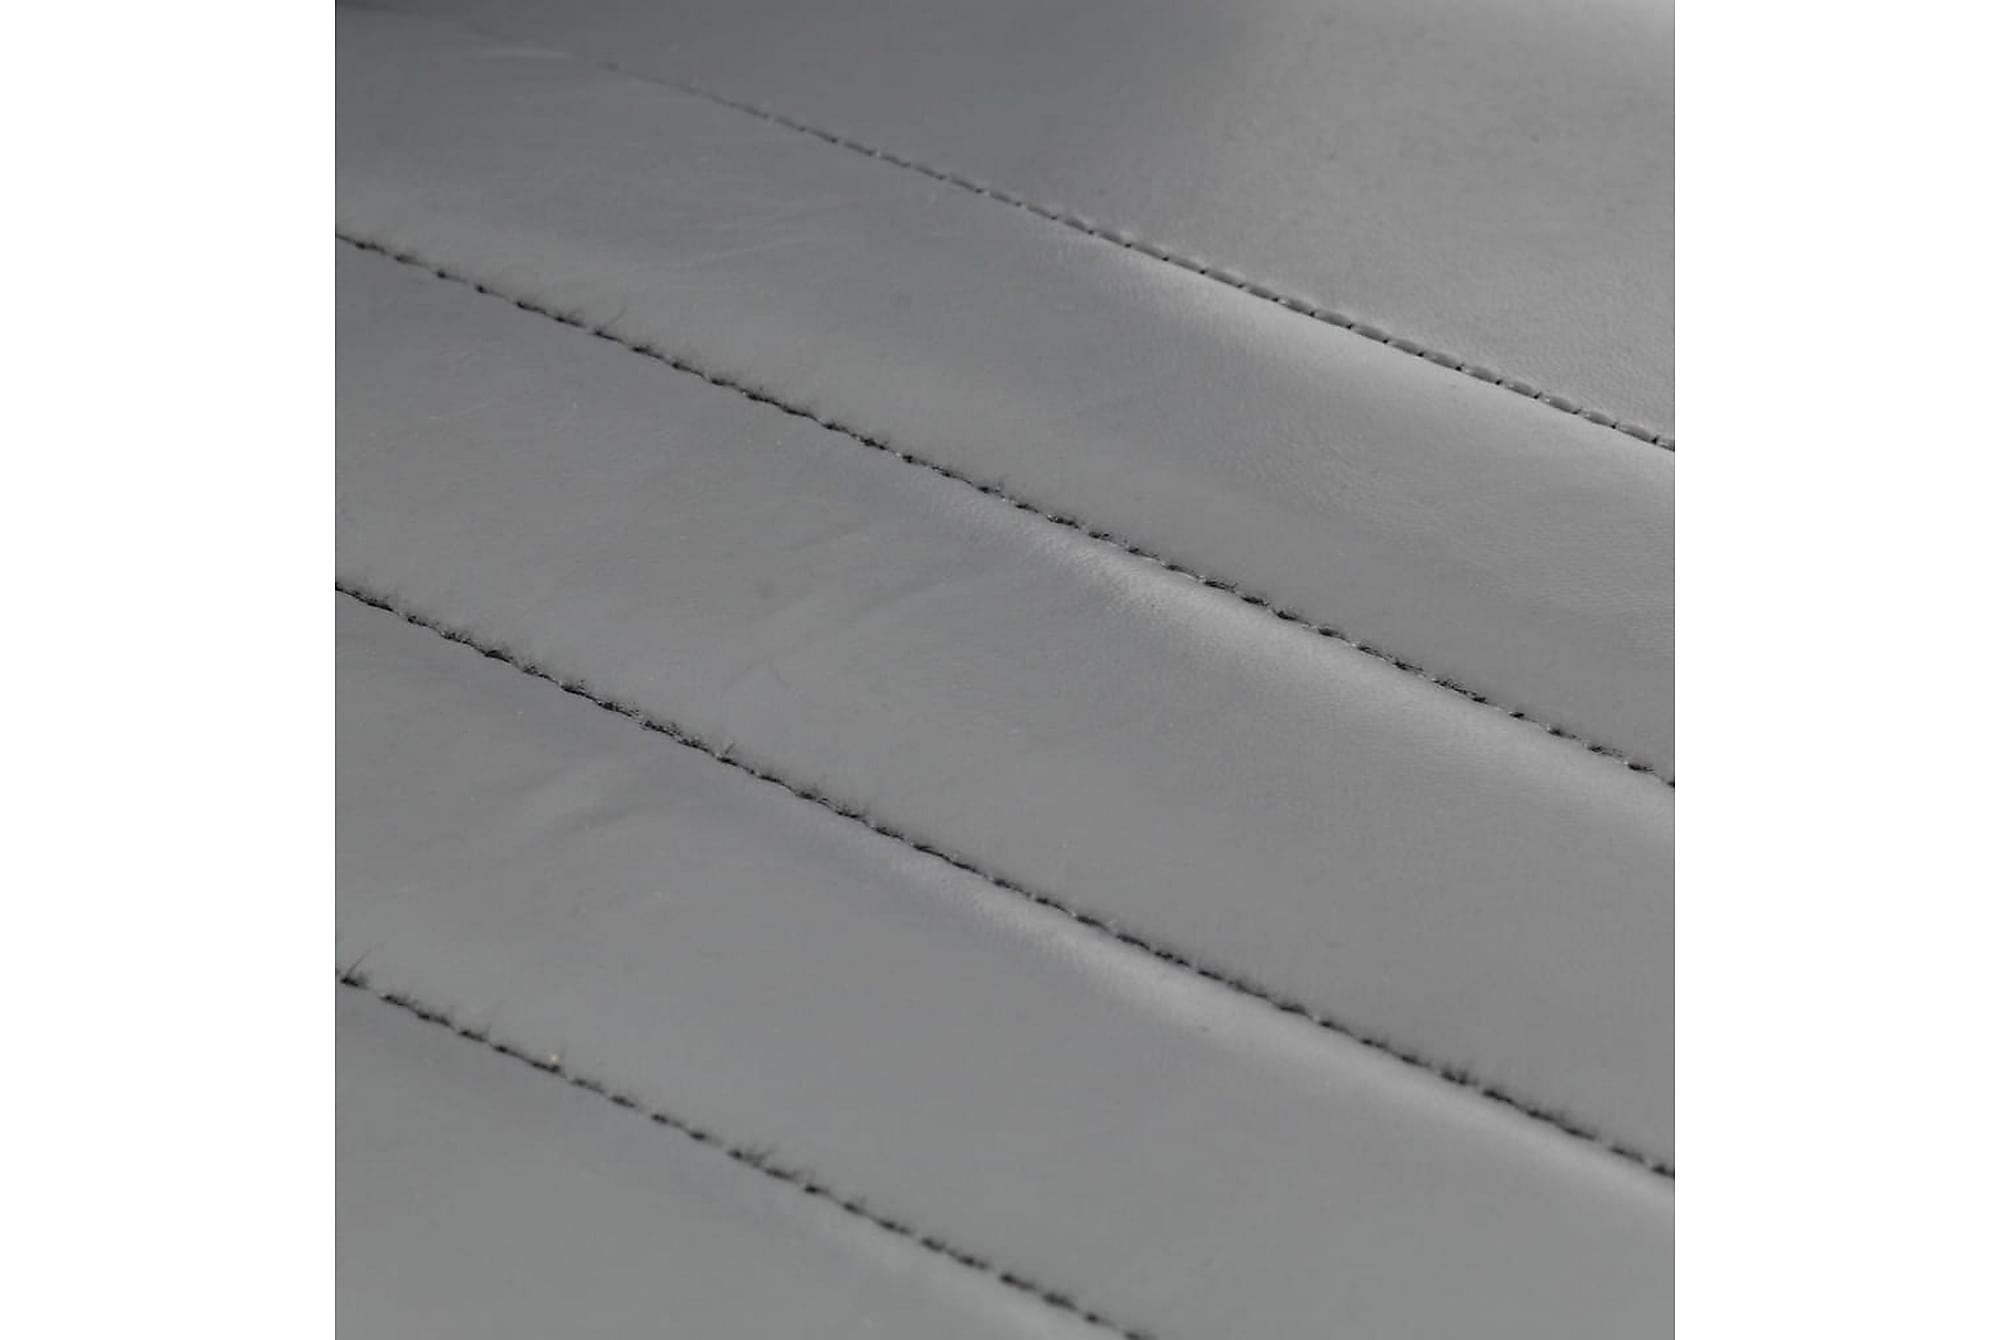 Matstolar 4 st grå äkta läder